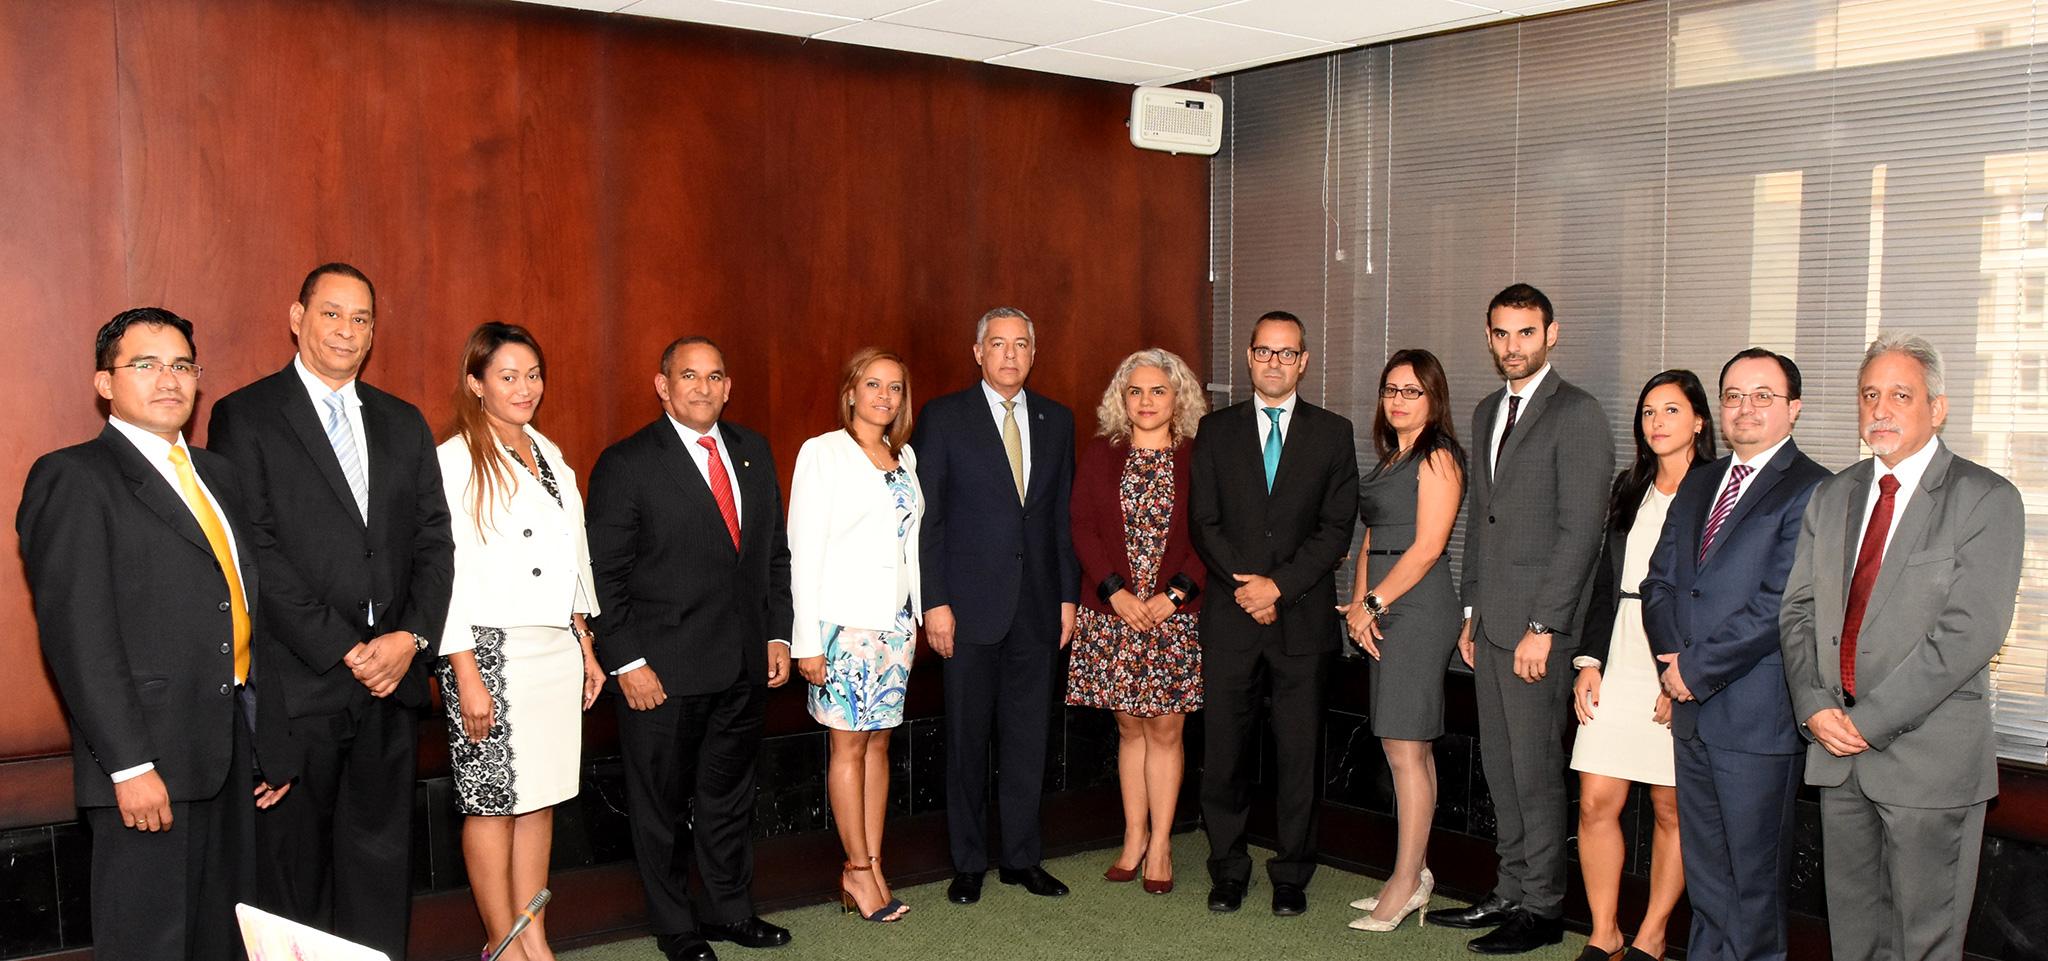 Equipo evaluador de Gafilat concluye visita IN SITU a la república dominicana